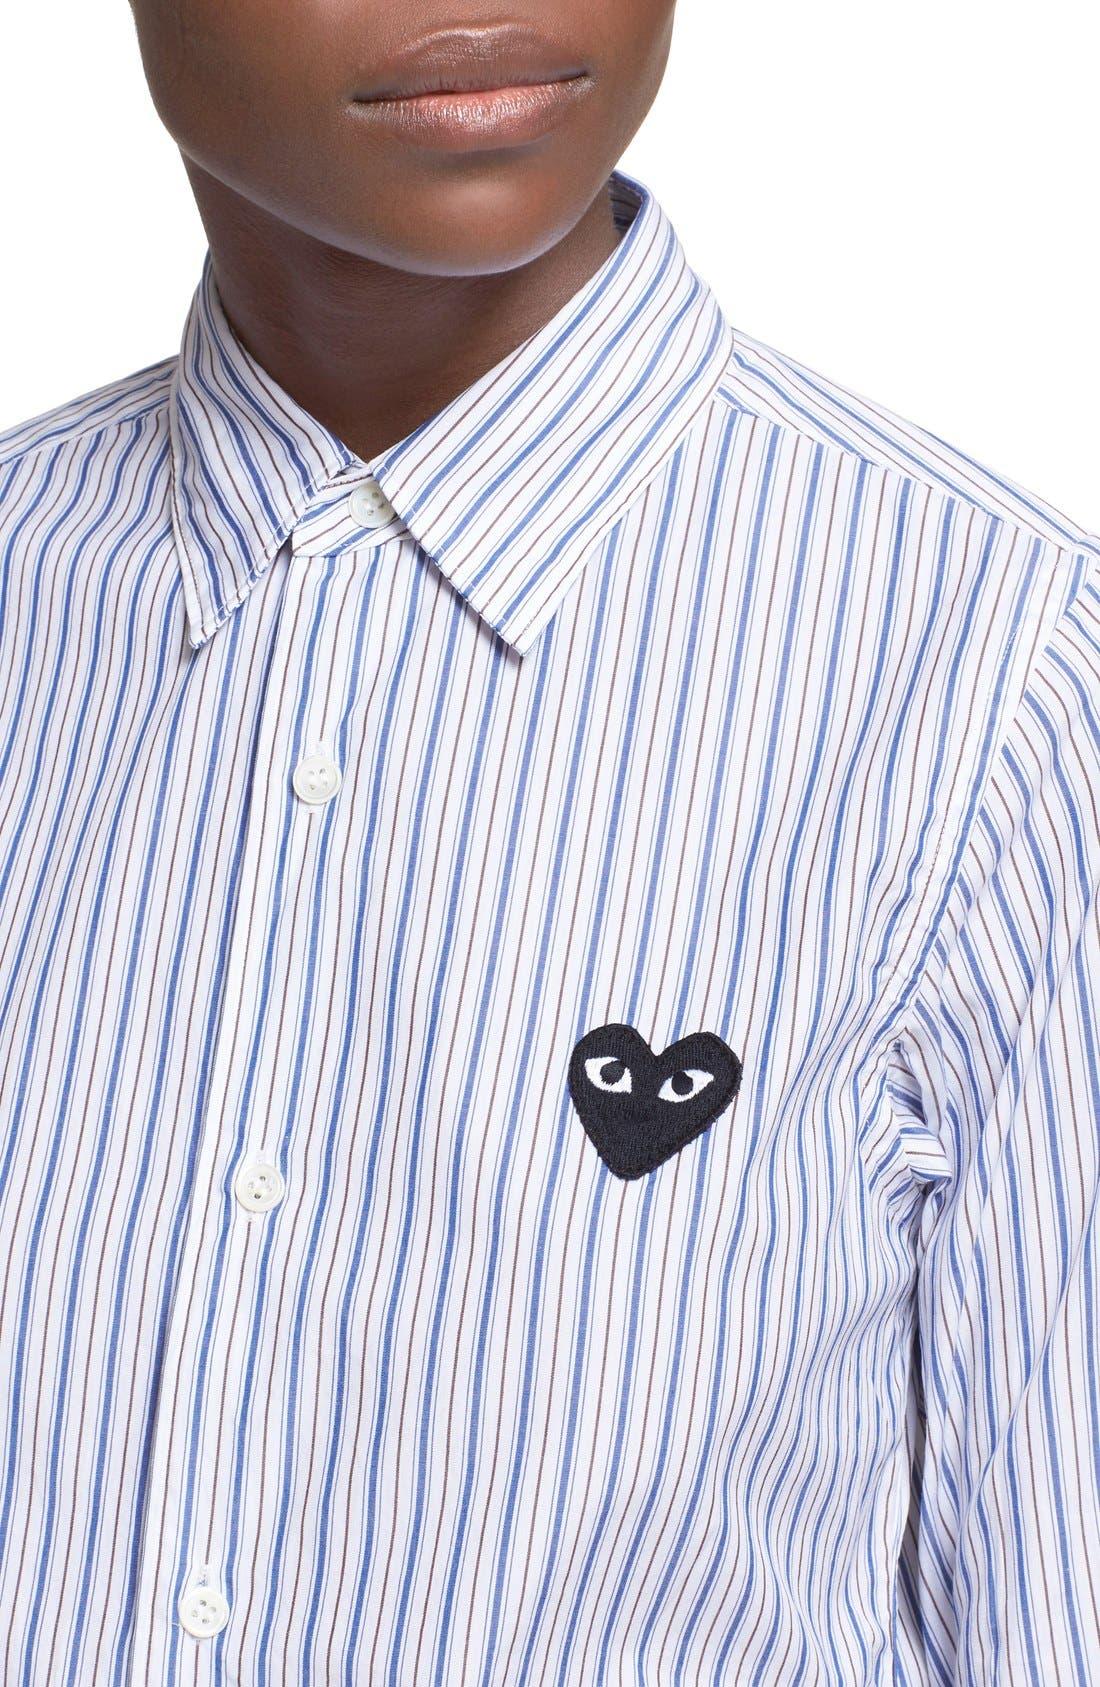 Comme des Garçons PLAY Stripe Shirt,                             Alternate thumbnail 4, color,                             BLUE